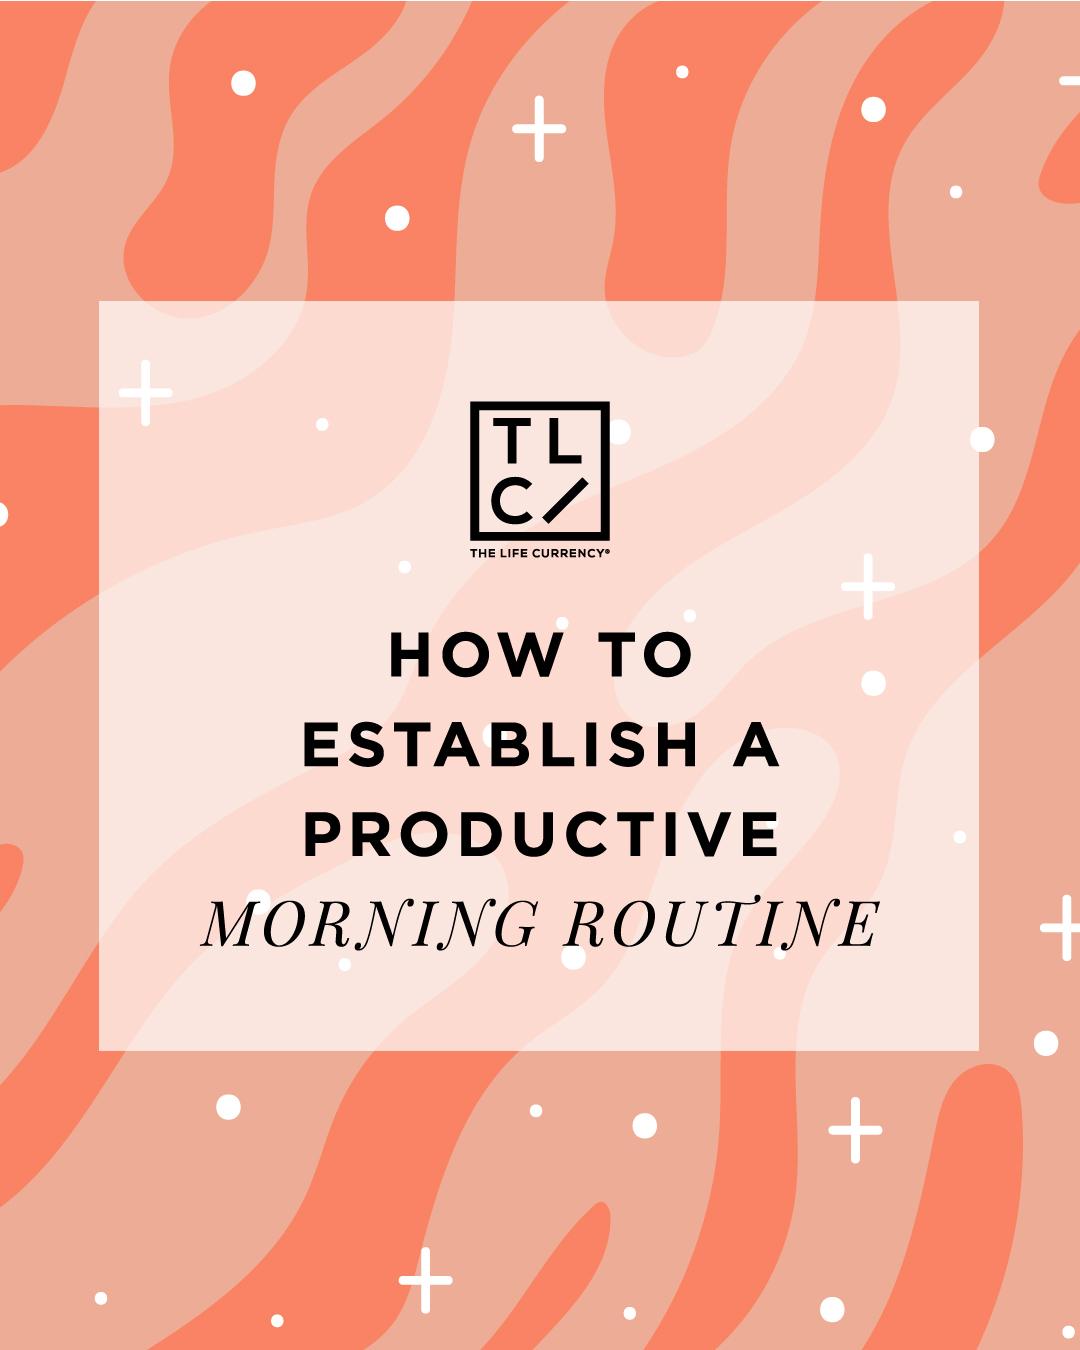 morning-routine-pin.jpg